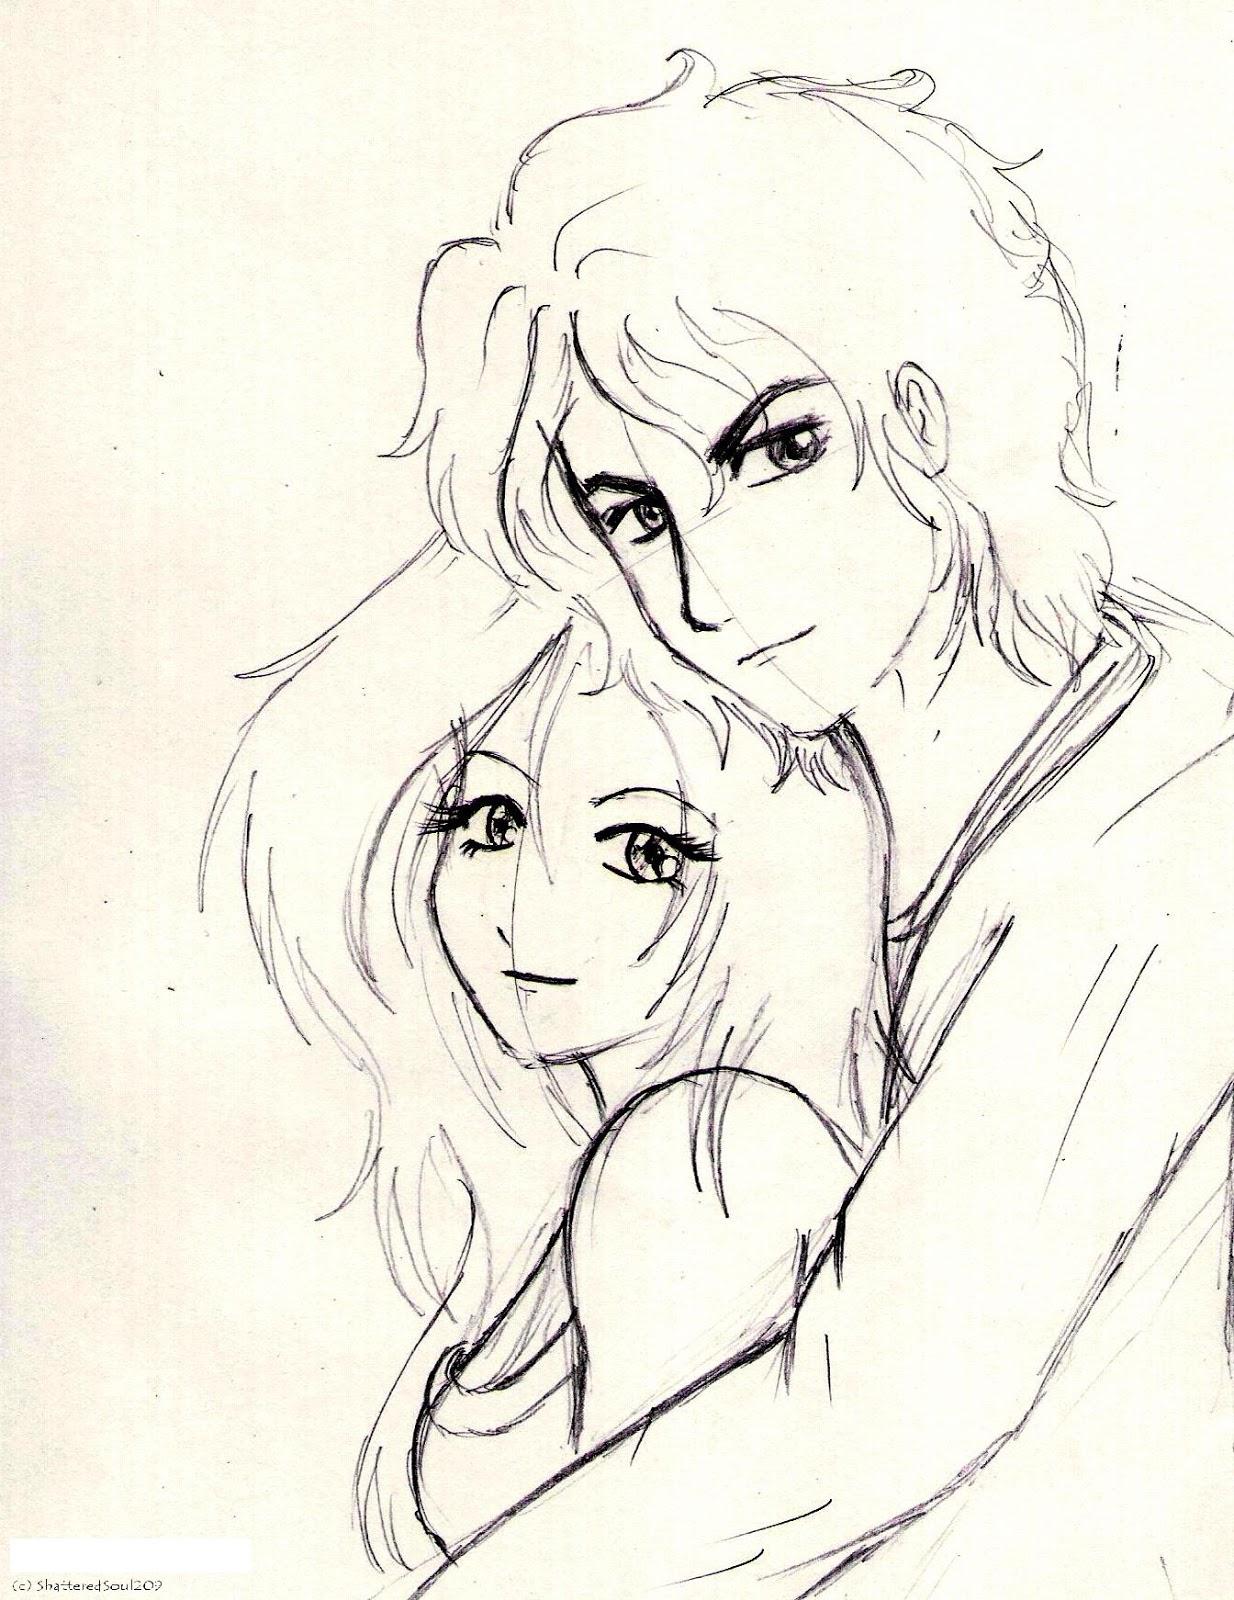 1234x1600 Cartoon Romance Sketch Drawing Cute Love Drawings Pencil Art Hd